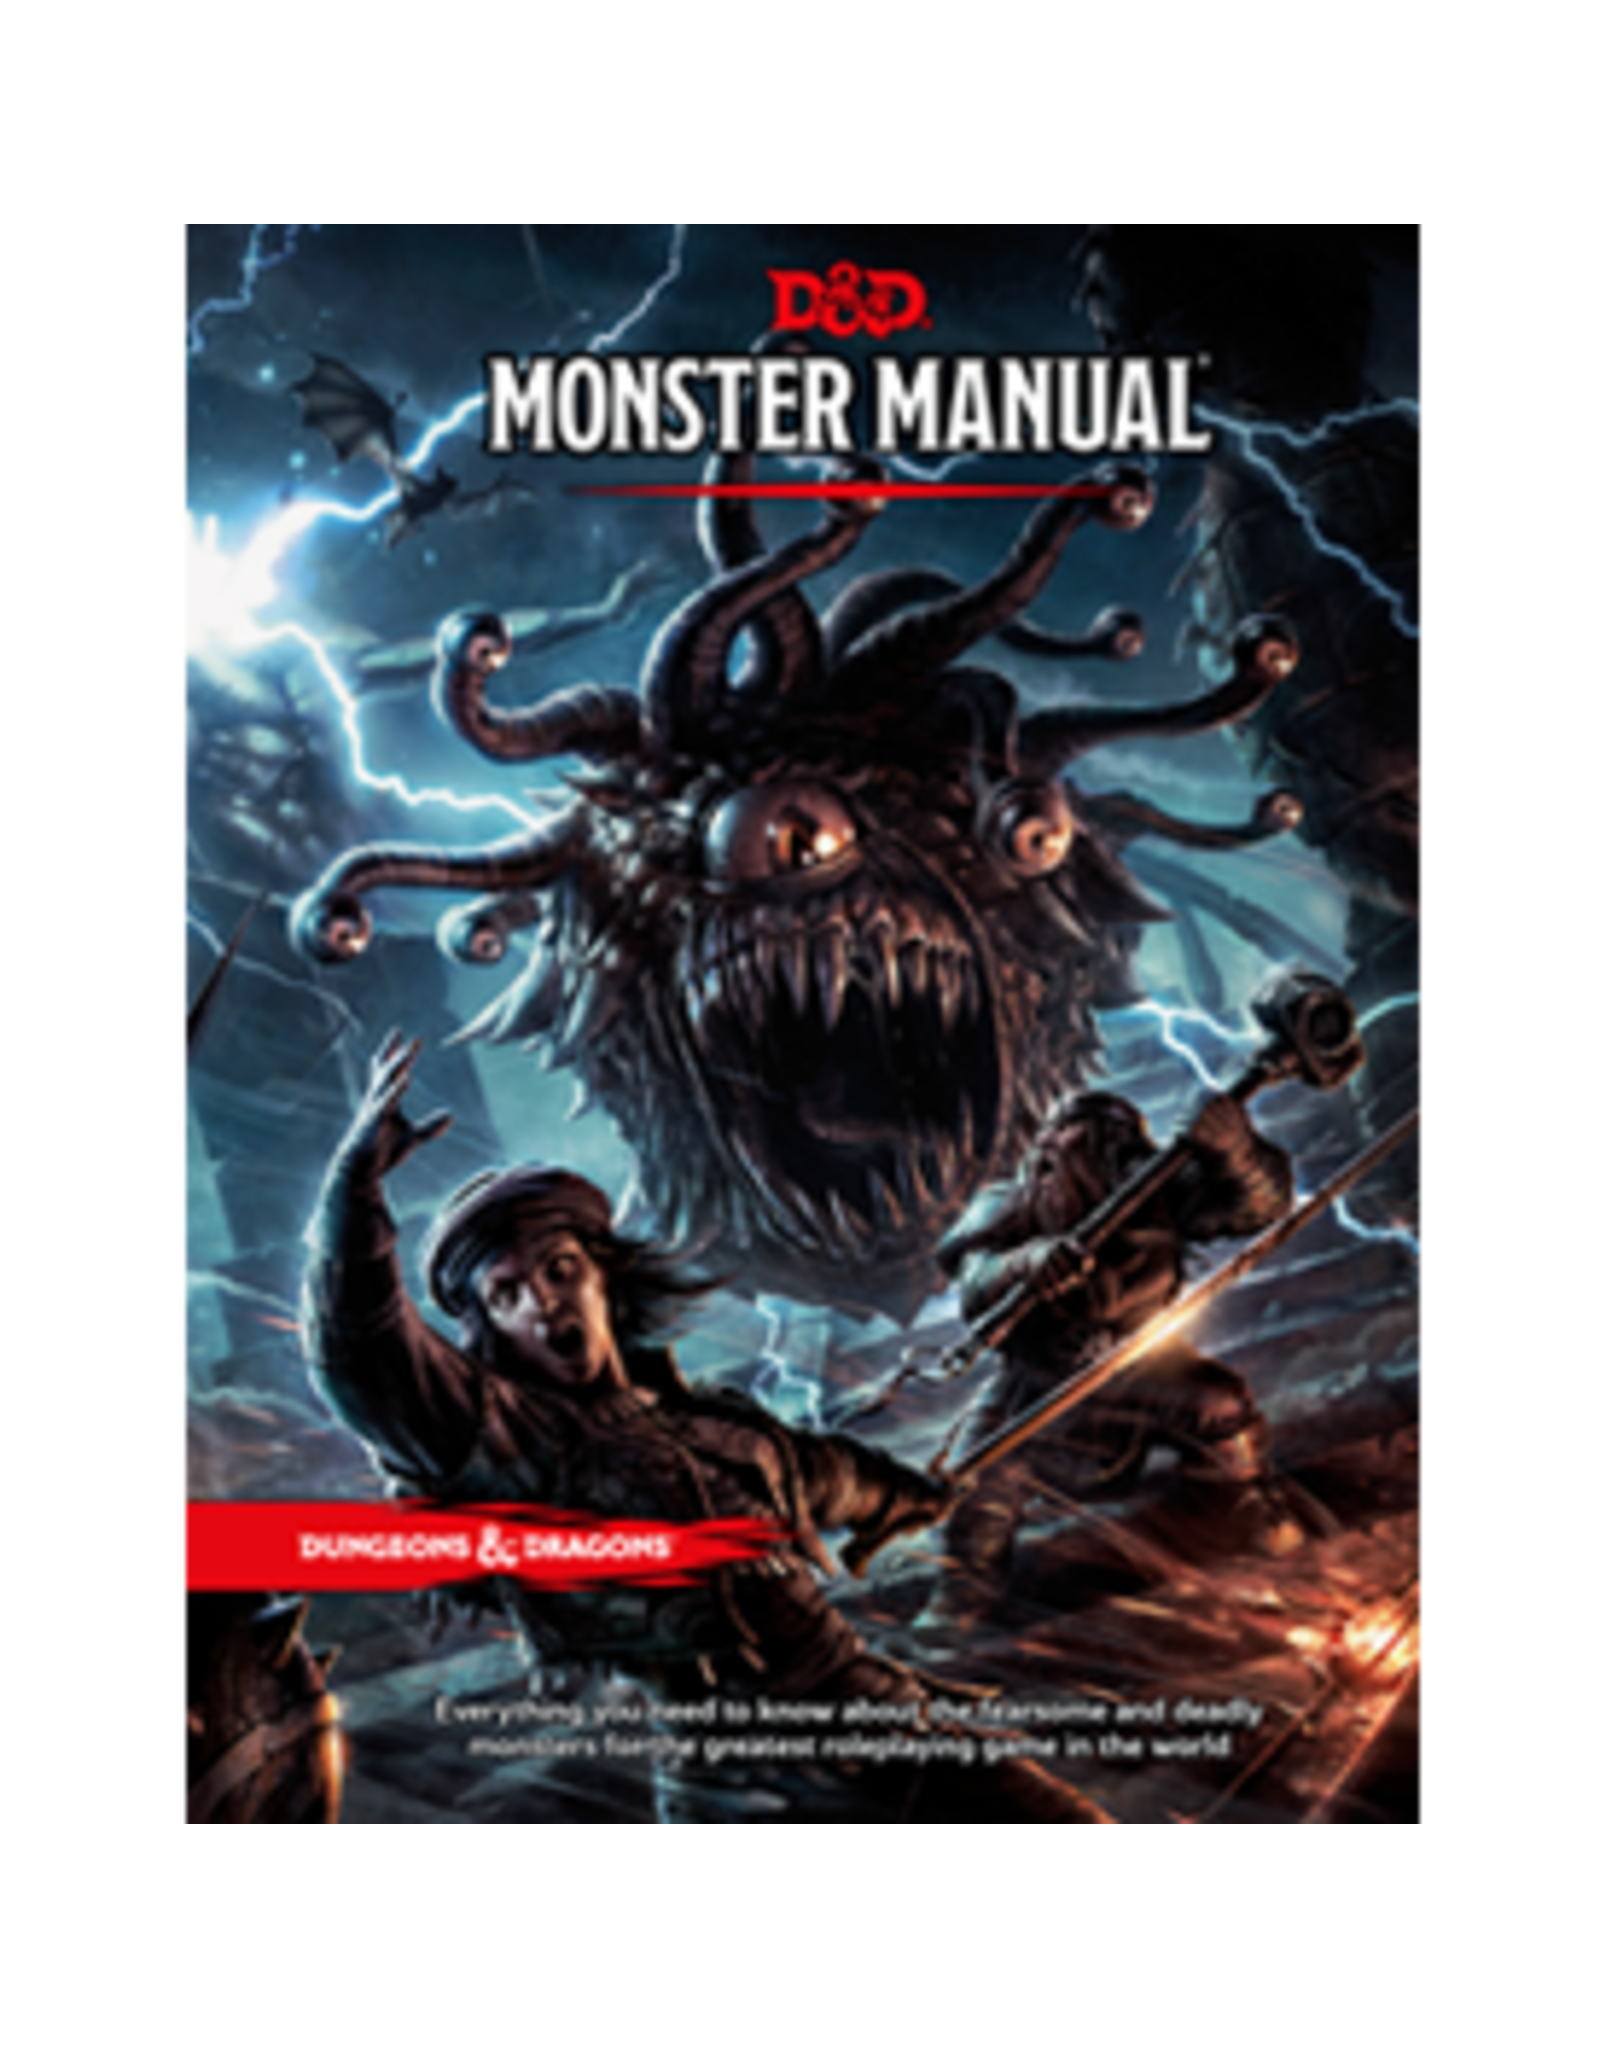 DnD D&D Monster Manual 5th